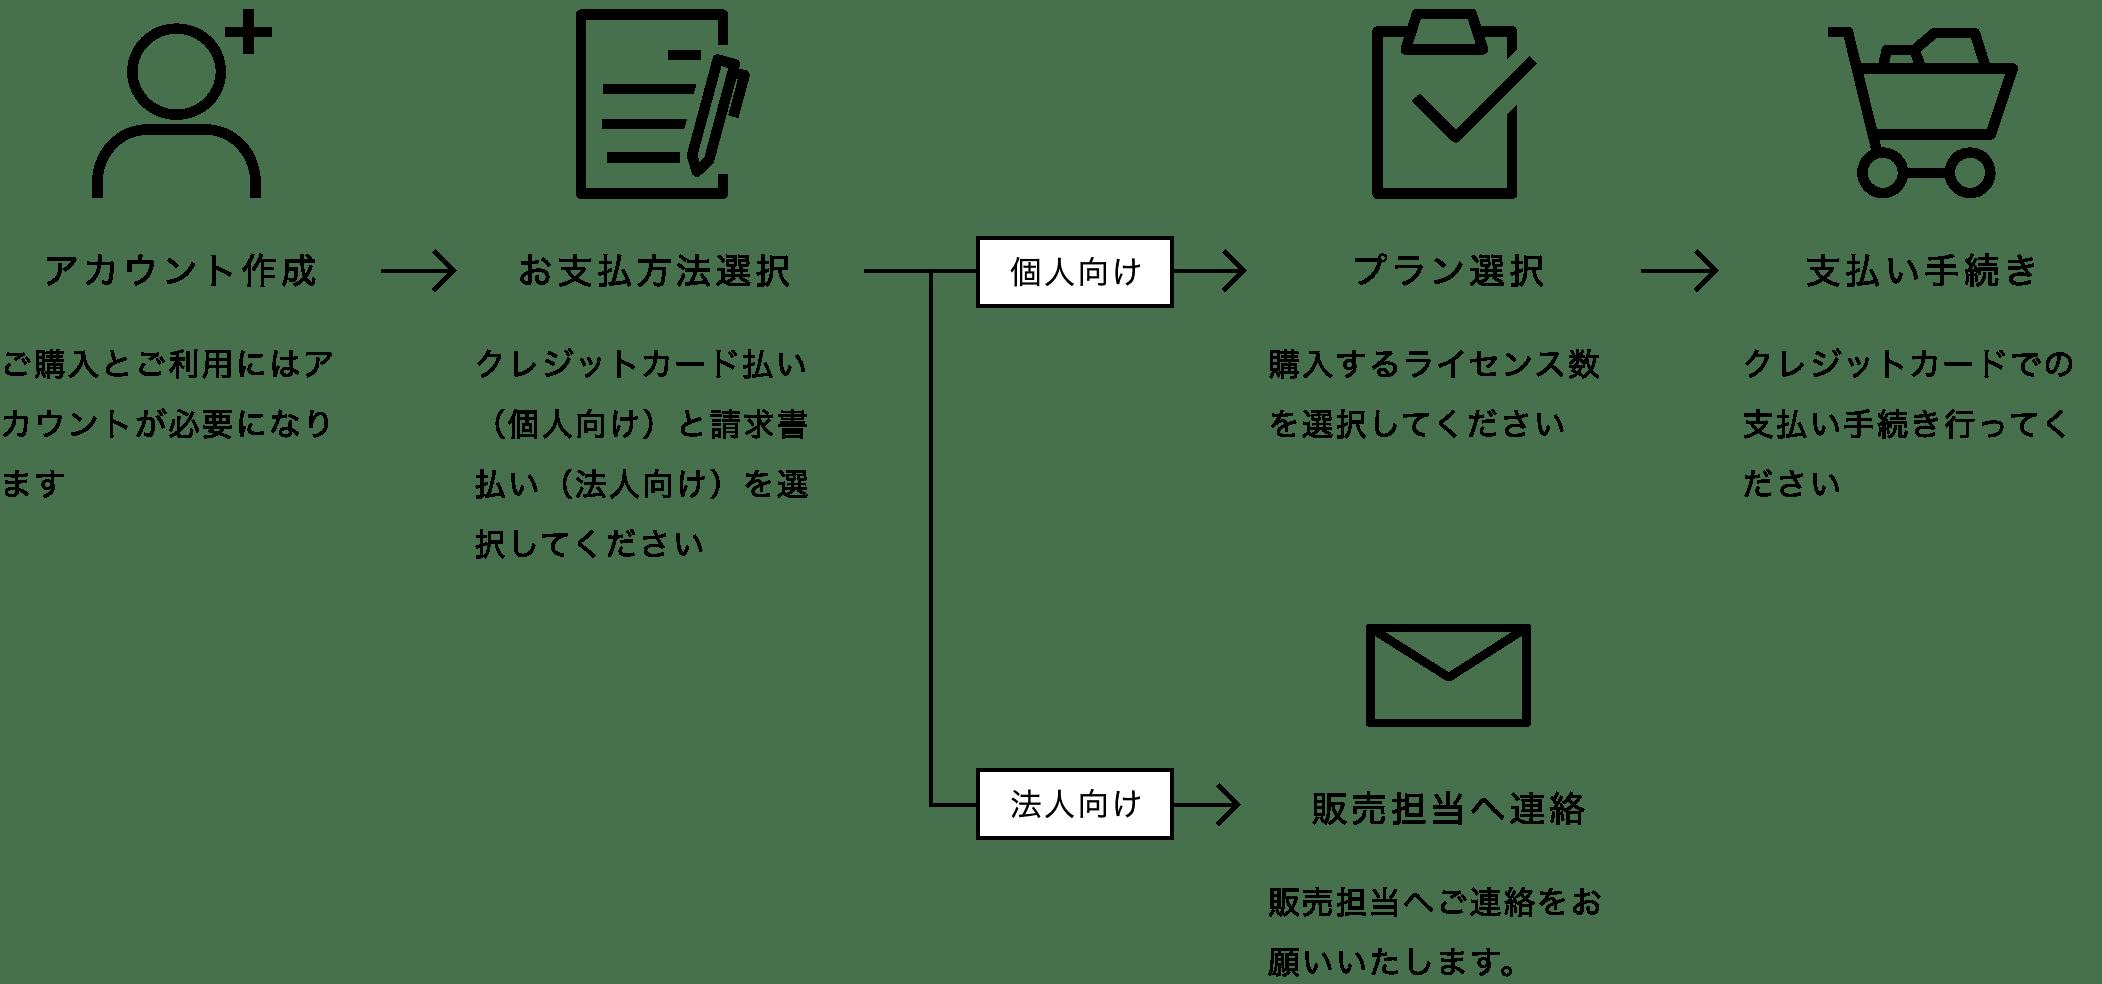 コミュニケーションズ ソニー ネットワーク